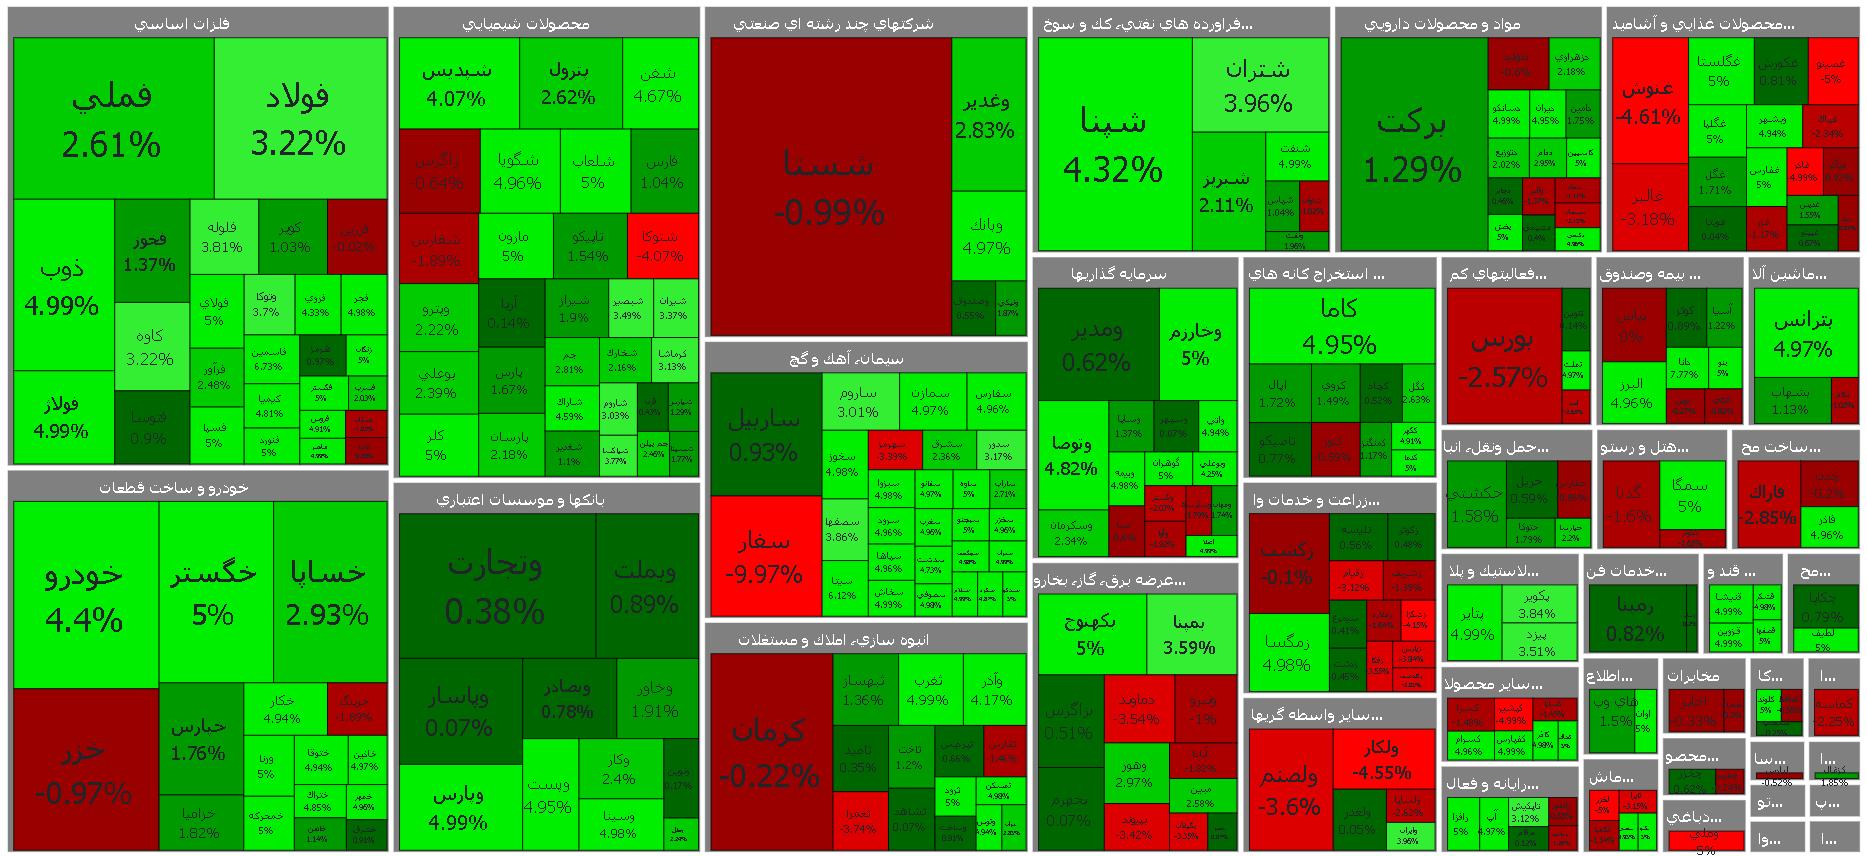 نقشه بازار بورس امروز یکشنبه 20 تیر ماه